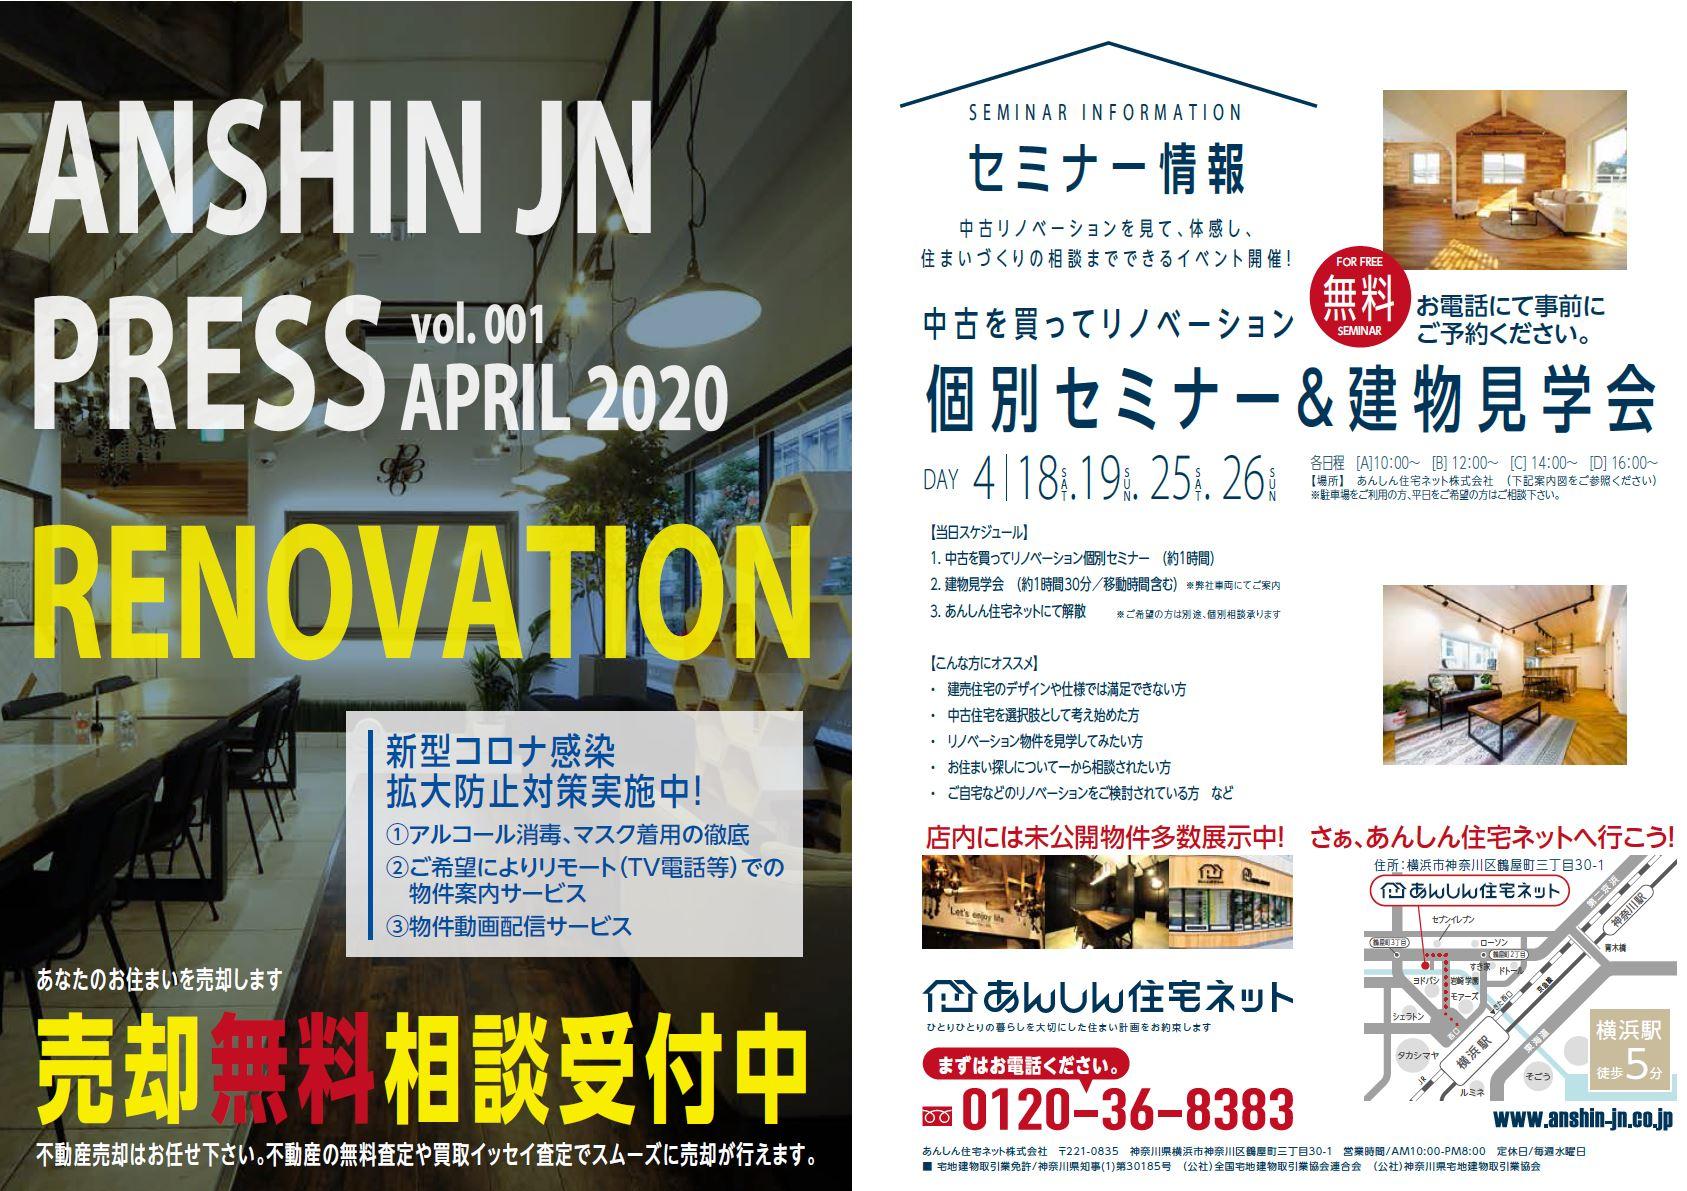 【無料・1日4回開催】個別セミナー&建物見学会 4/25(土)12時~